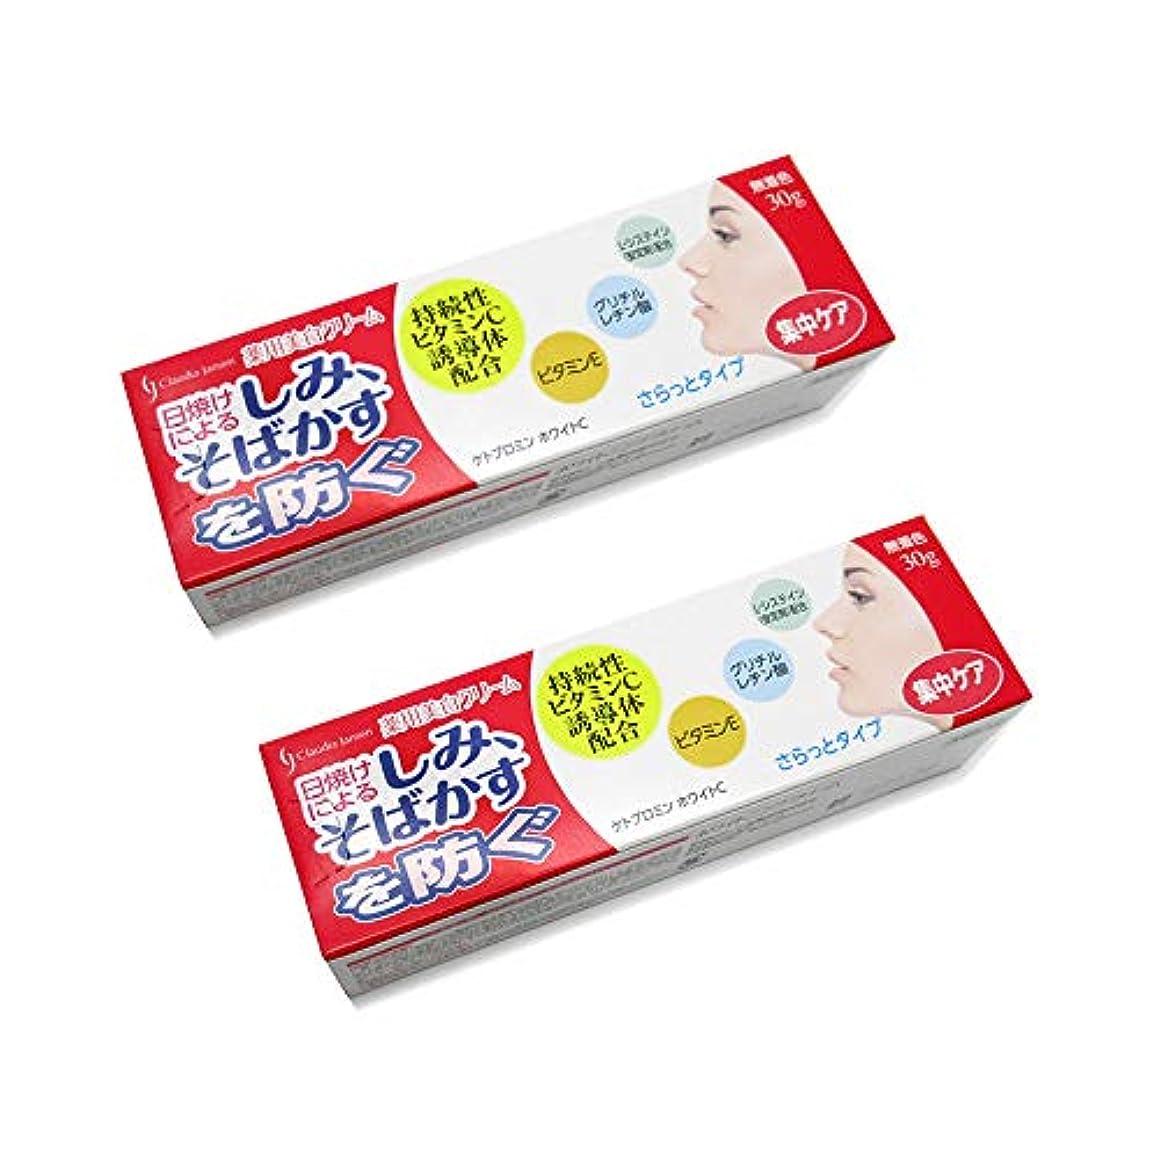 過敏な過ちシビック薬用ホワイトニングクリームC 30g 2個セット 美白クリーム 薬用 美白クリーム 美白ケア 医薬部外品